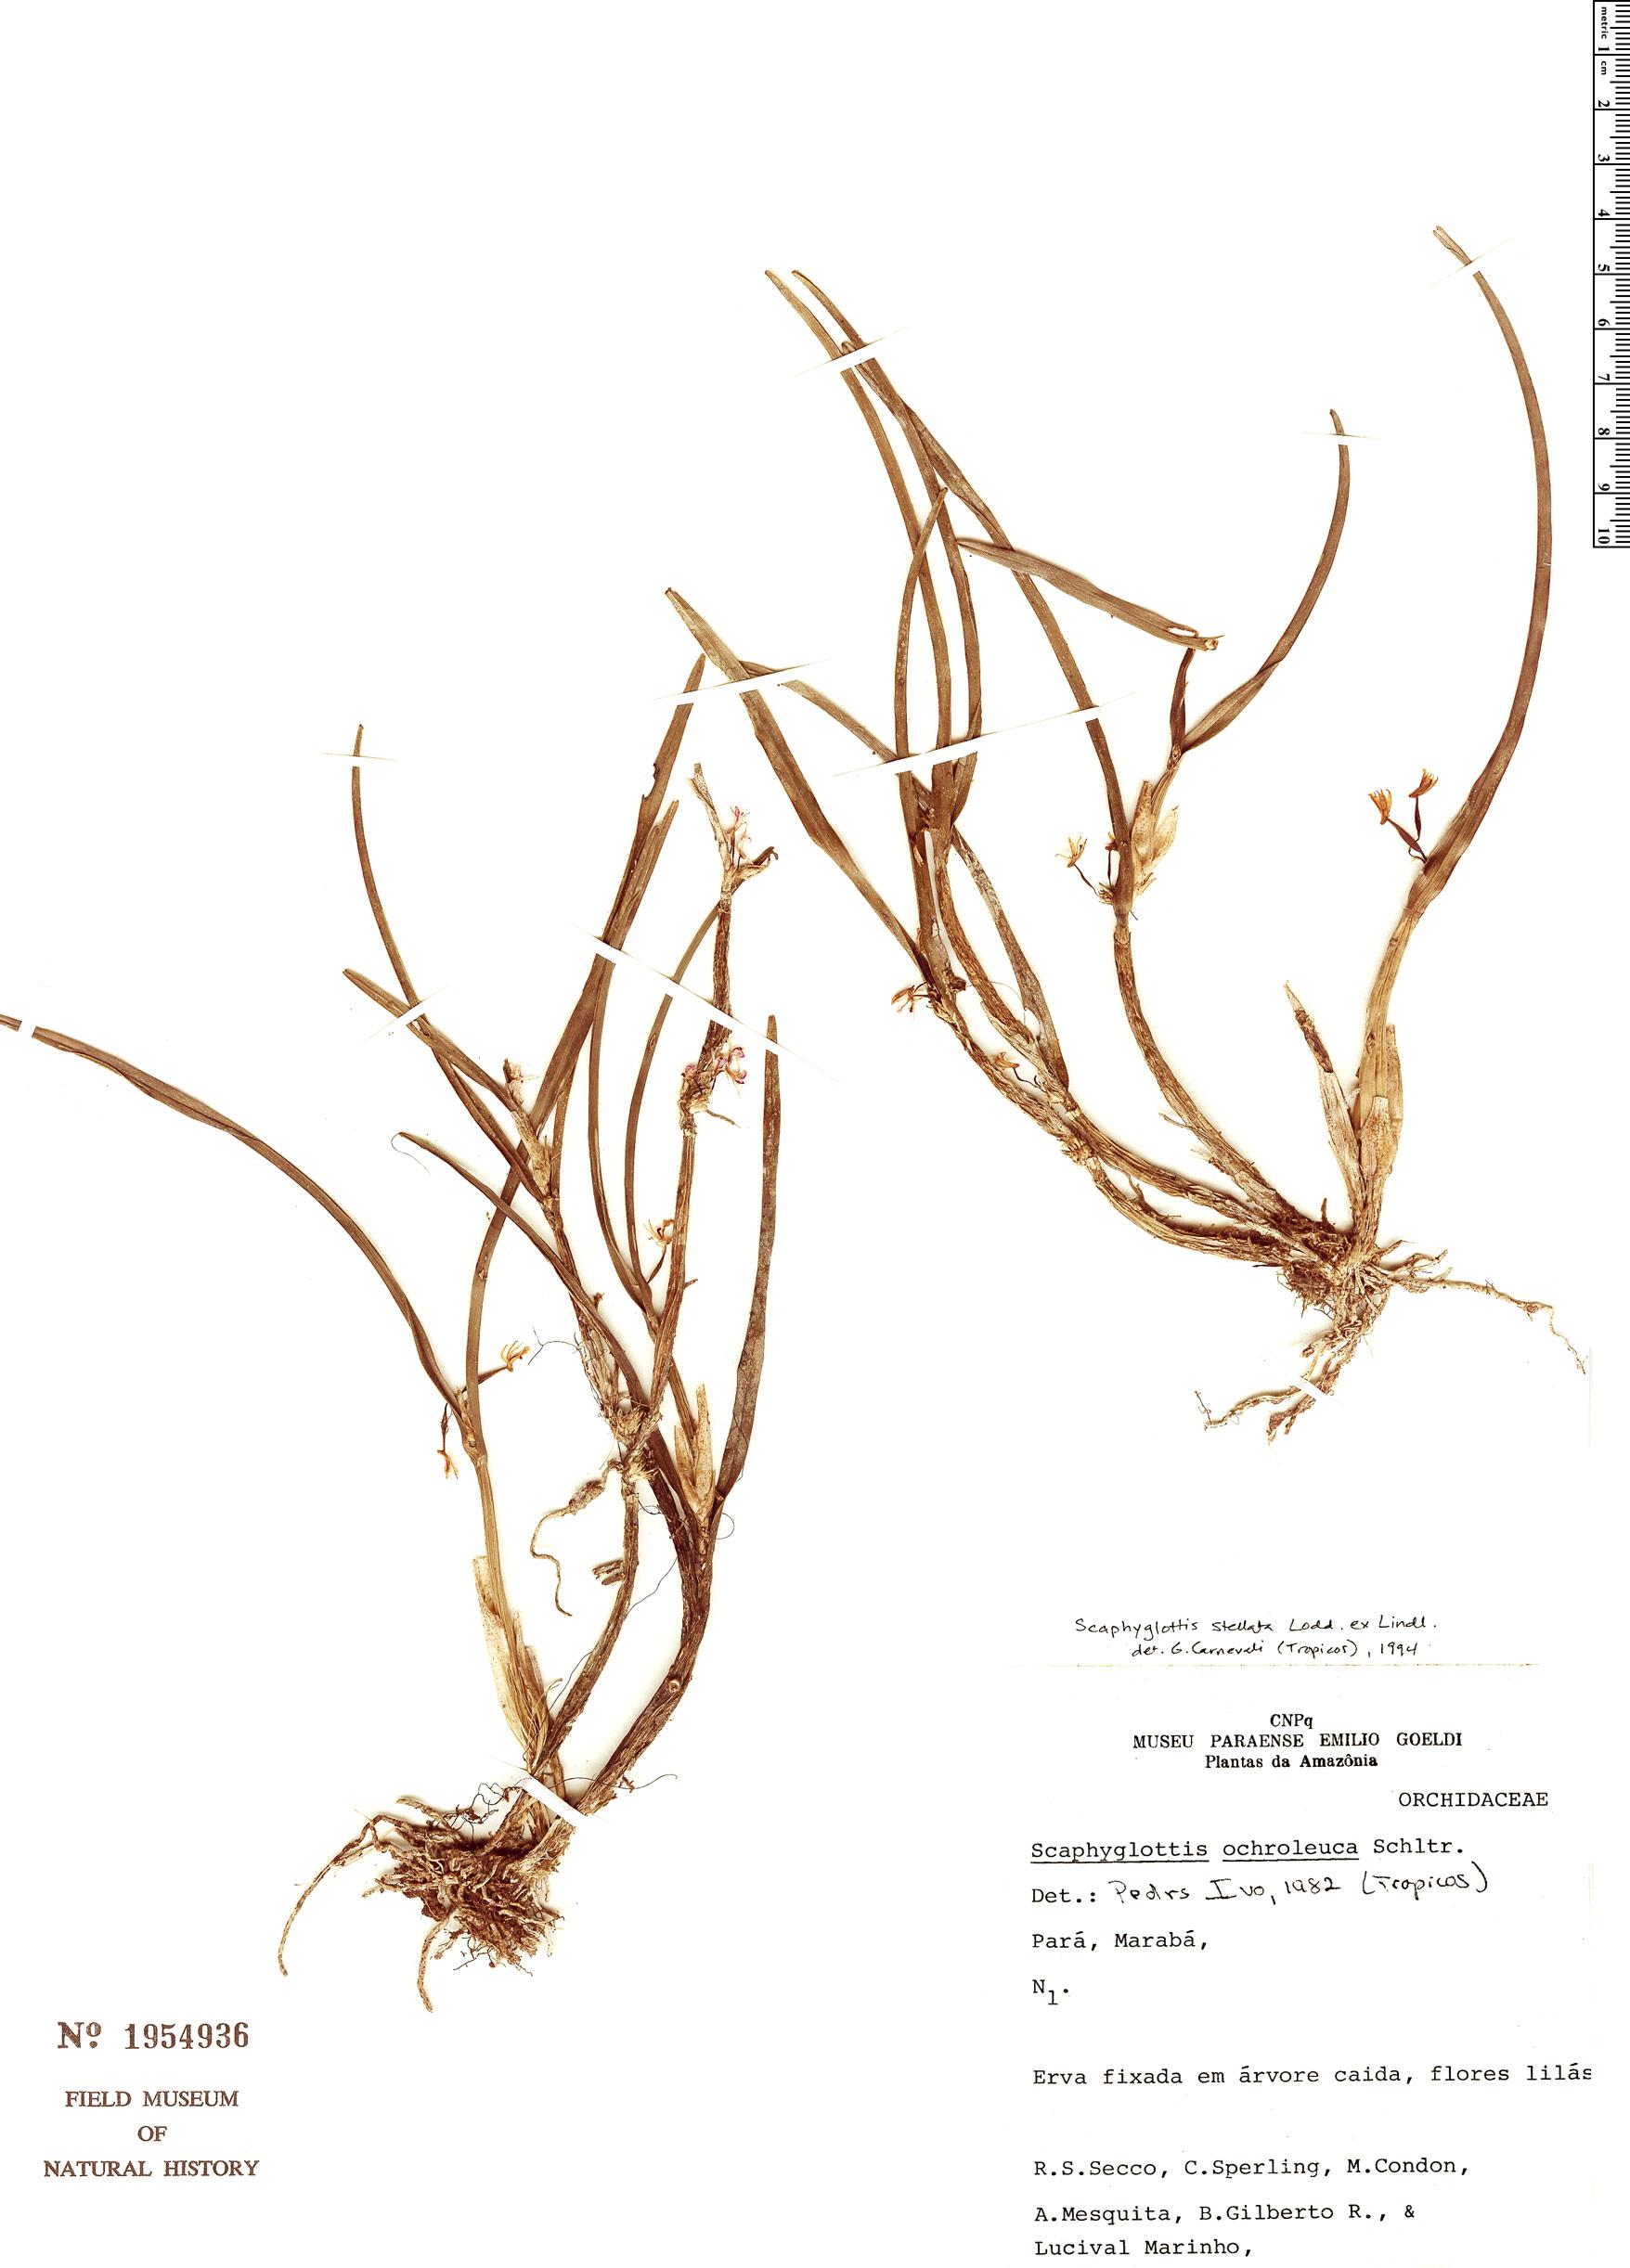 Specimen: Scaphyglottis stellata